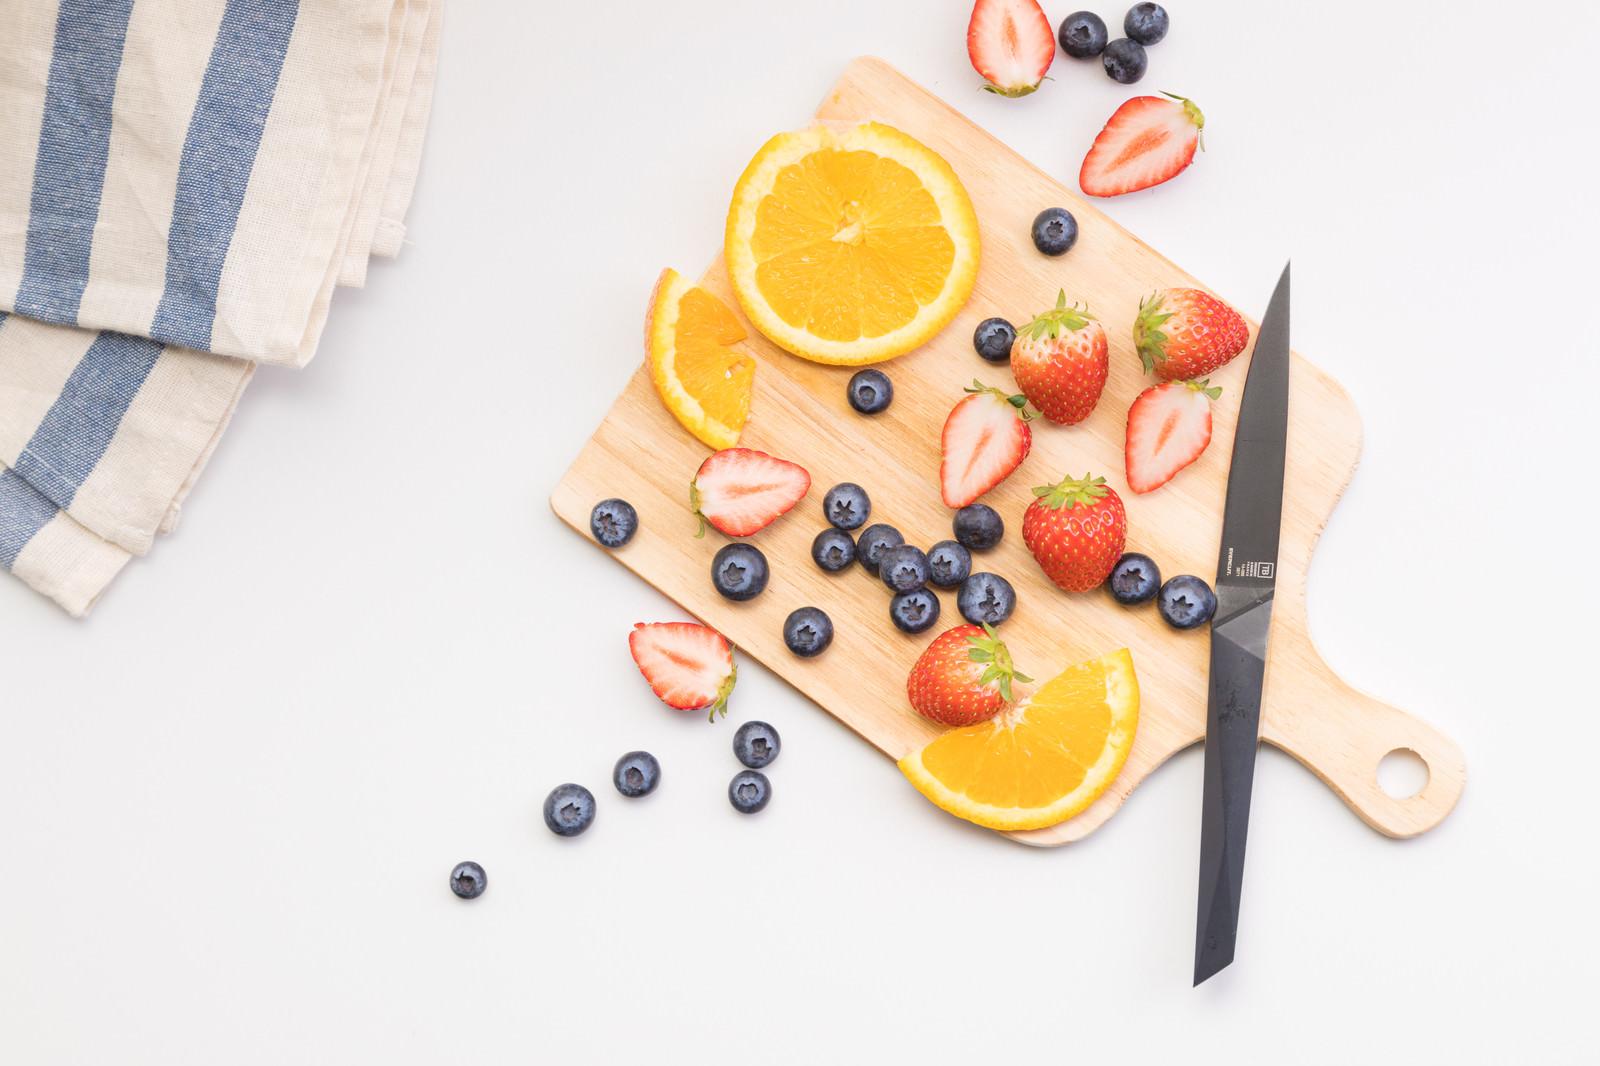 「まな板に置かれたままのカット中のフルーツ」の写真